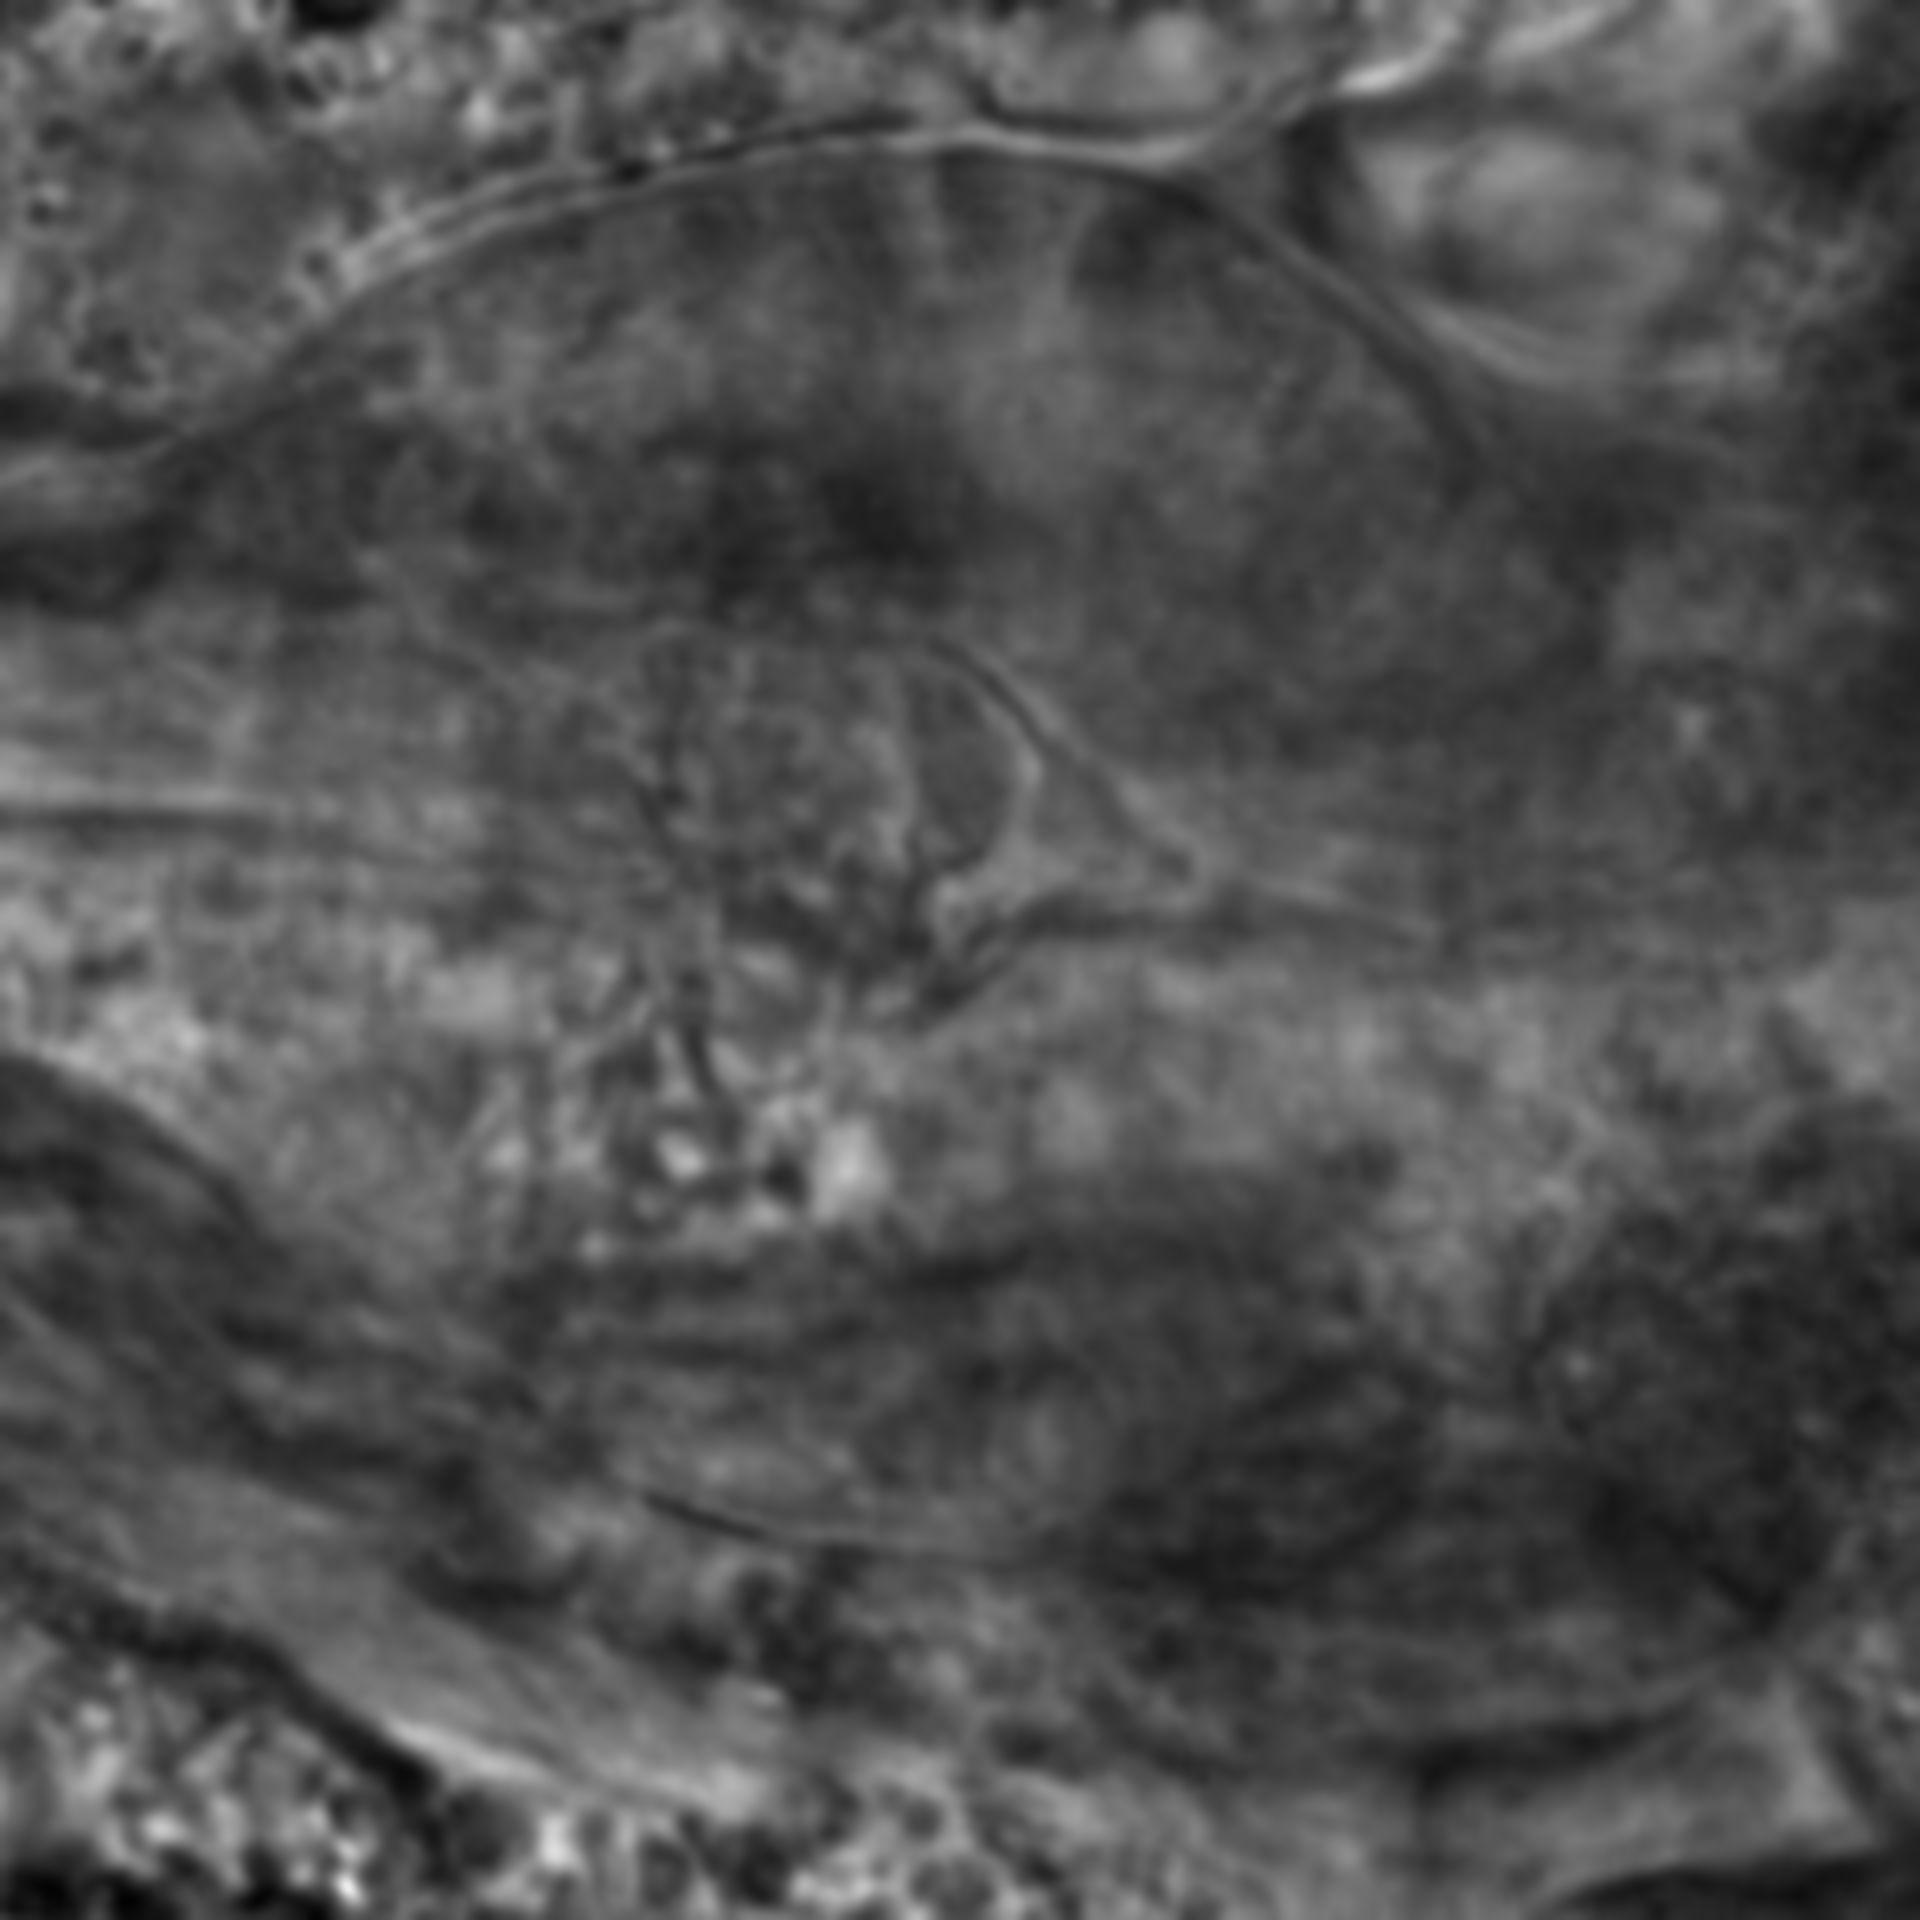 Caenorhabditis elegans - CIL:2151